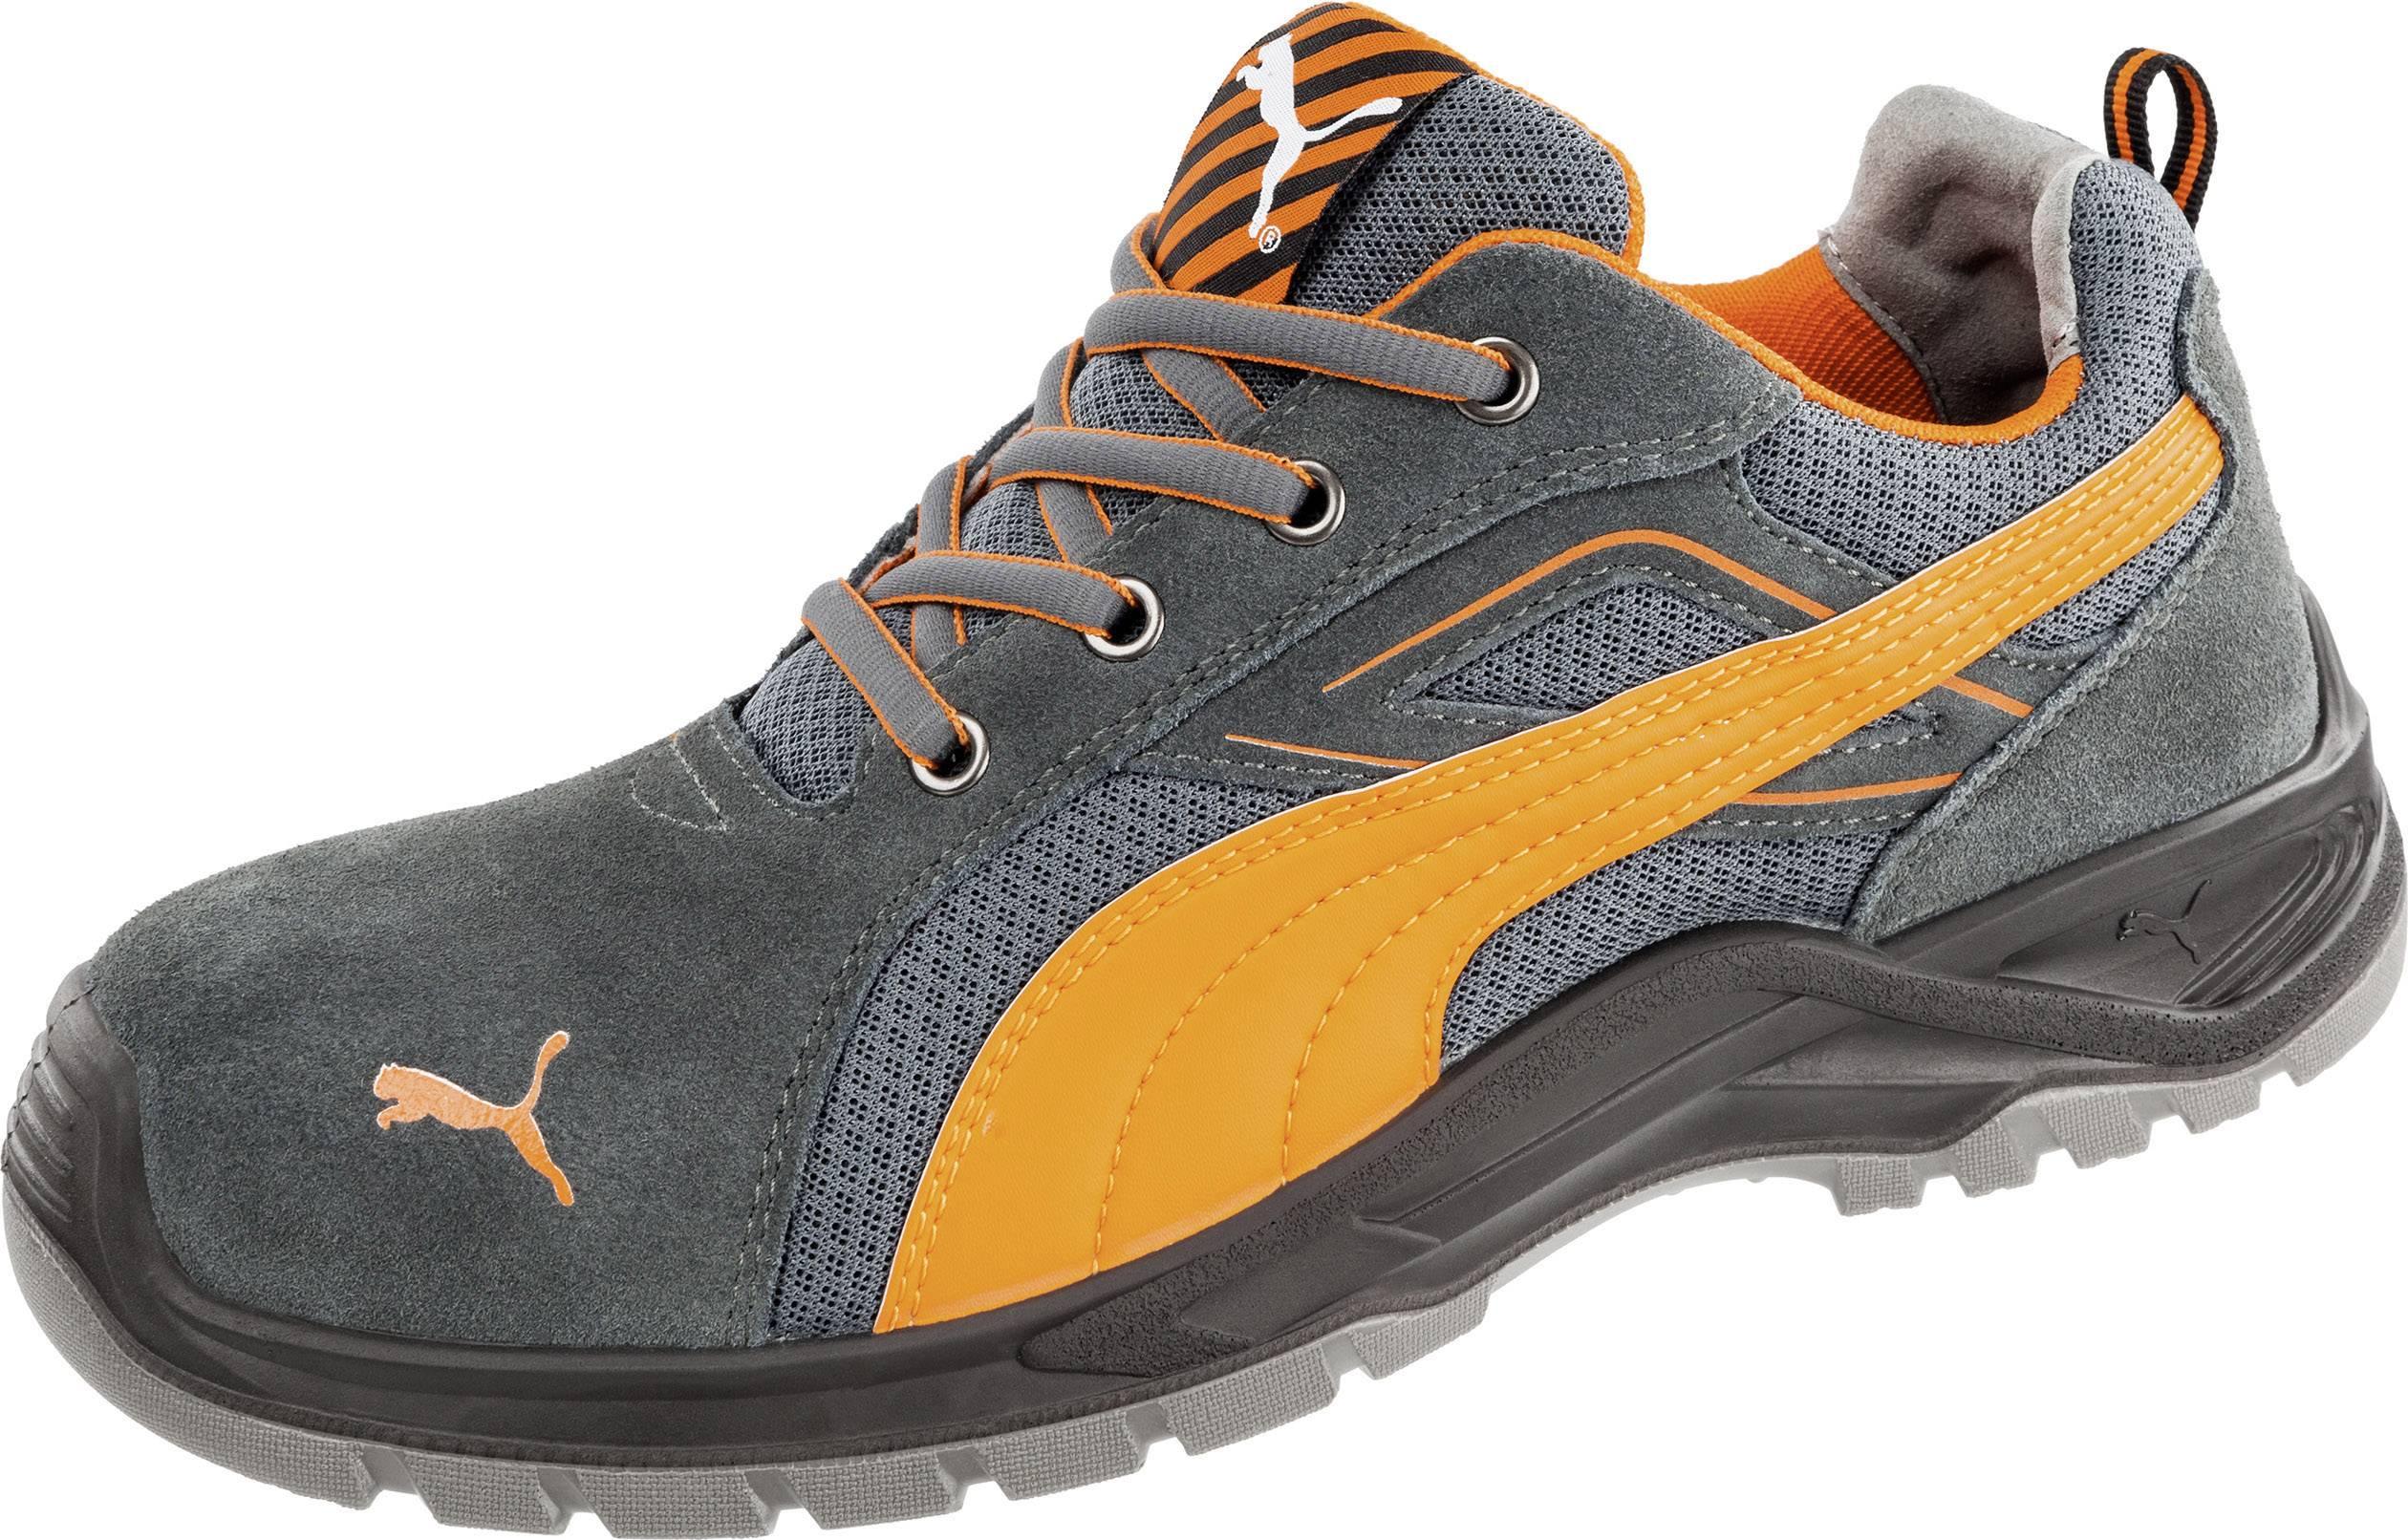 PUMA Safety Omni Orange Low SRC 643620 45 Chaussures de sécurité S1P Taille: 45 noir, orange 1 paire